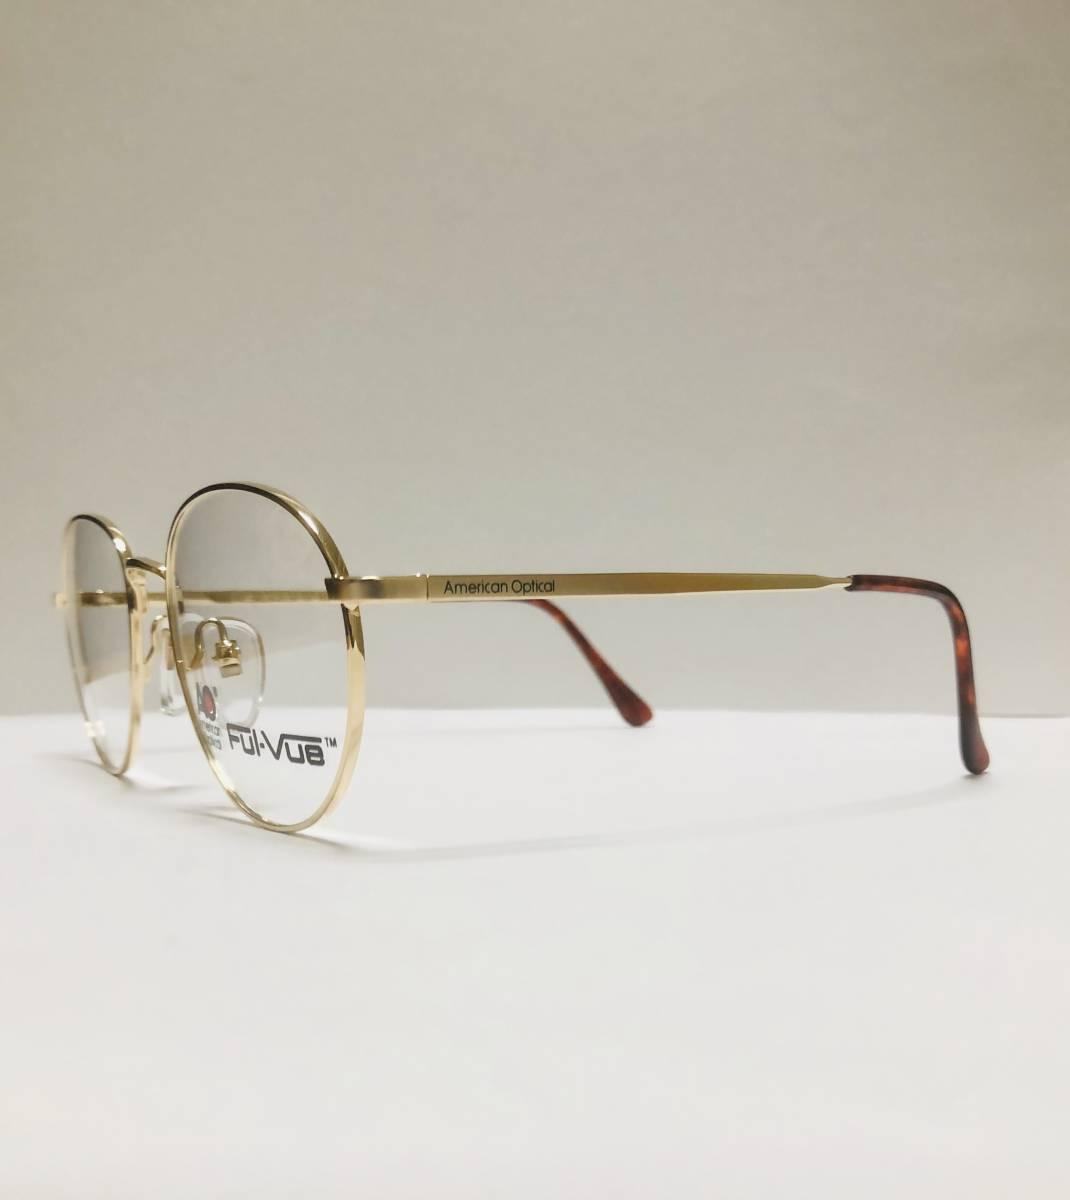 新品箱付】 20K金 アメリカンオプティカル 80年代 AO American Optical メガネ 米国ブランド_画像4